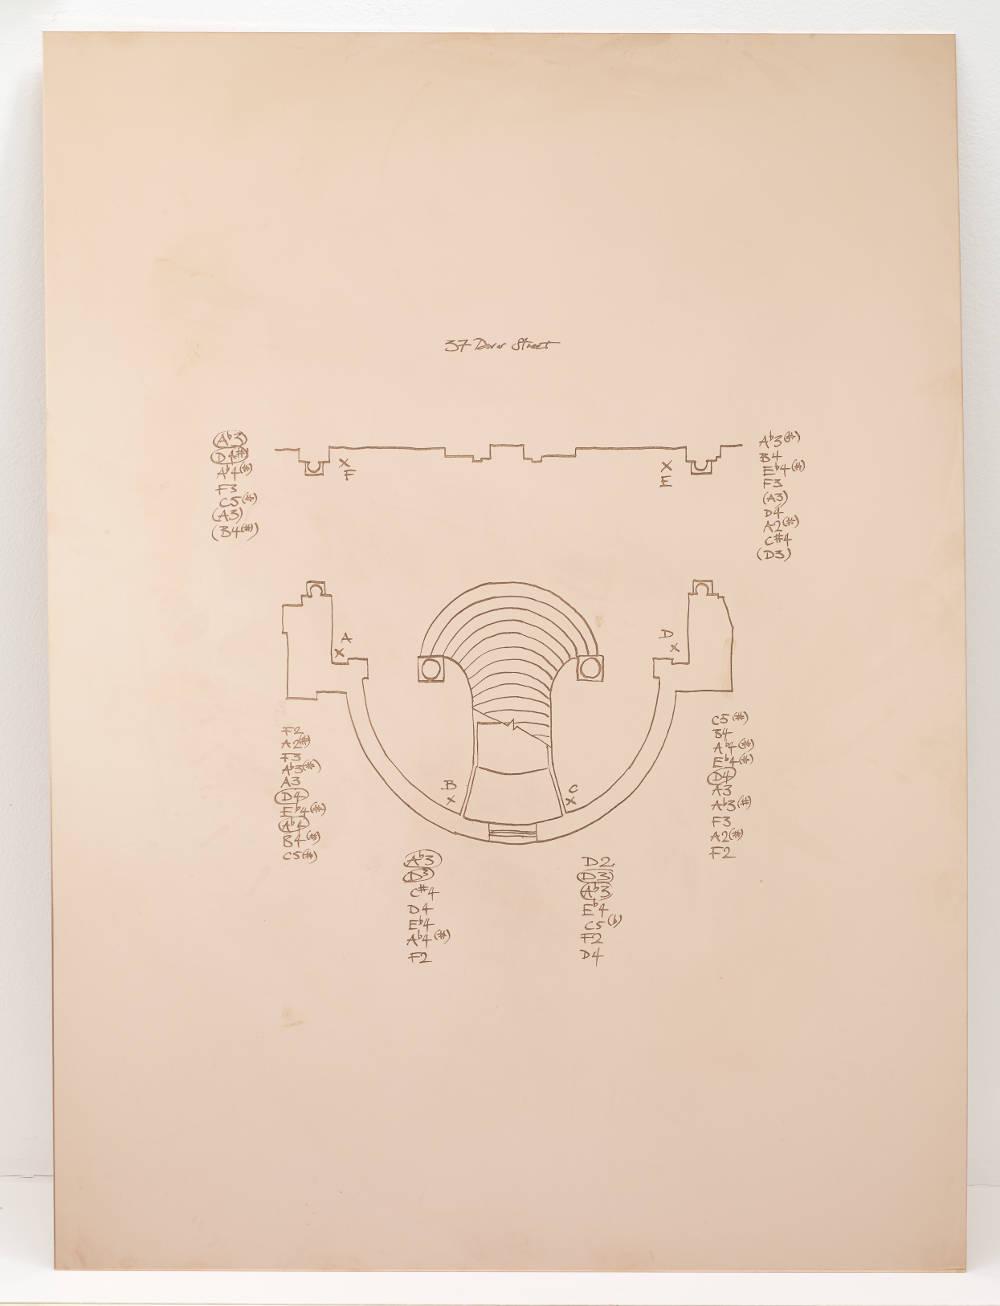 Oliver Beer, Composition for London (Score I), 2017